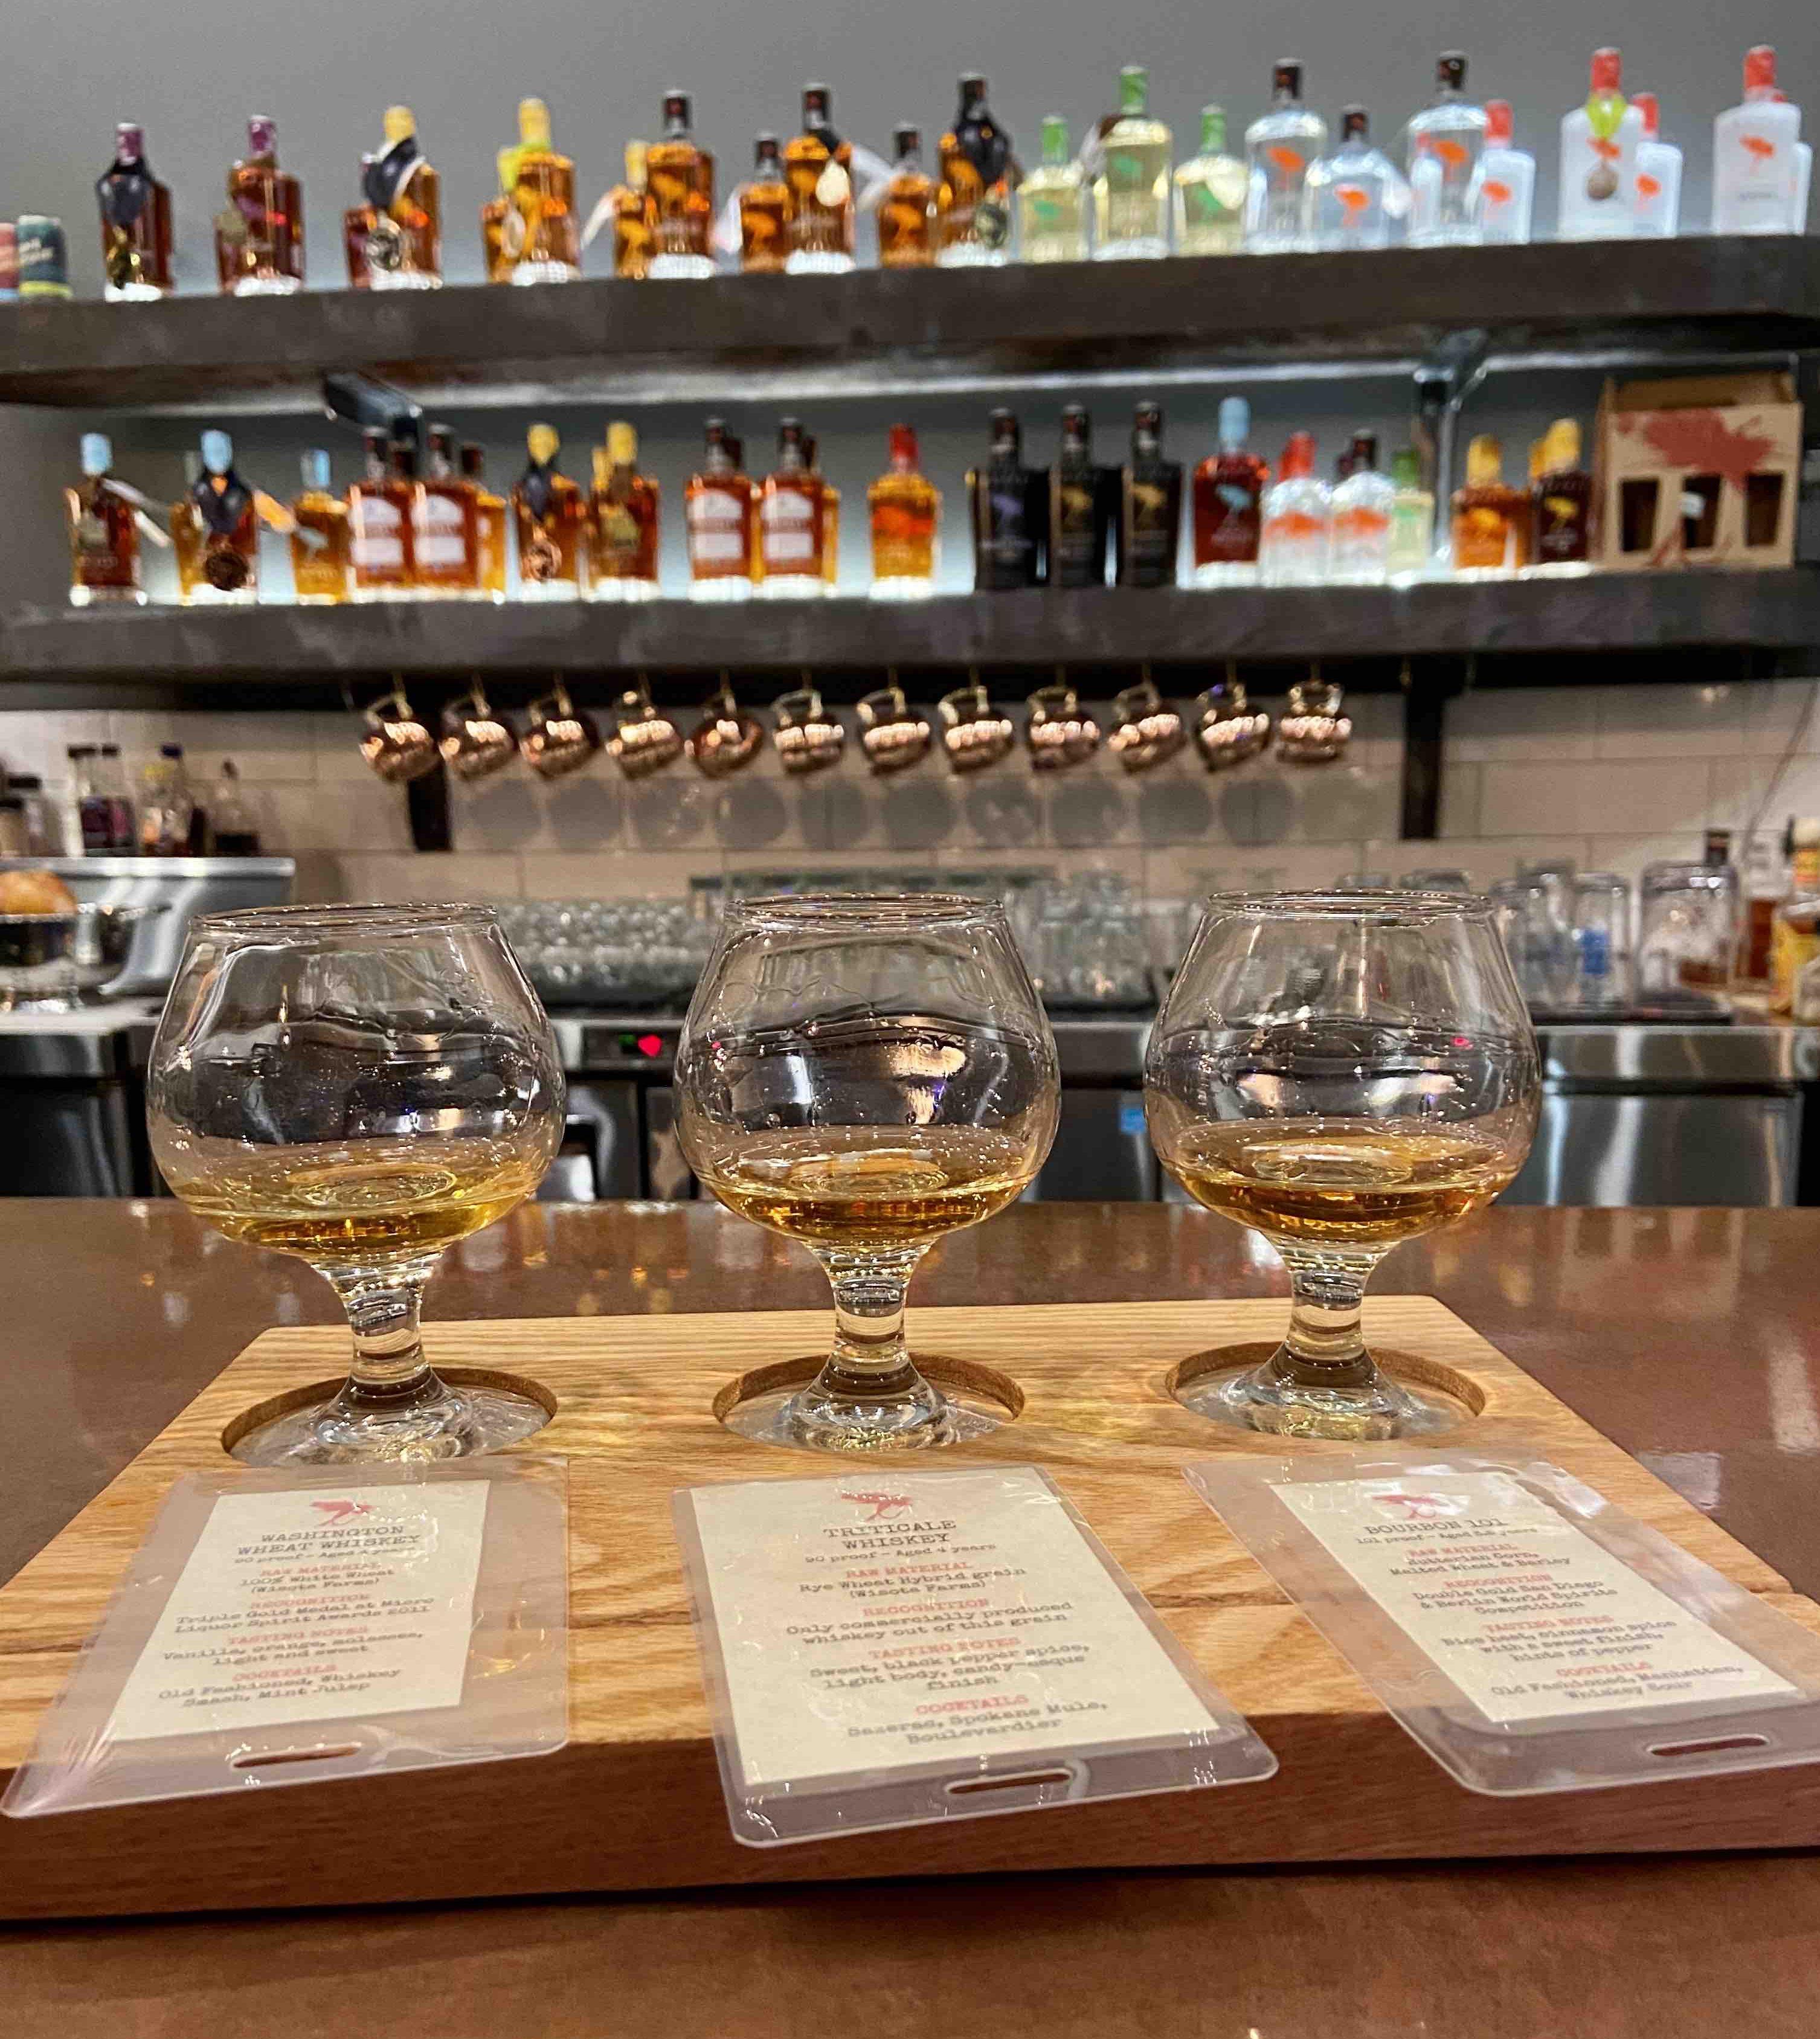 A taster flight of whiskey at Dry Fly Distilling in Spokane, Washington.